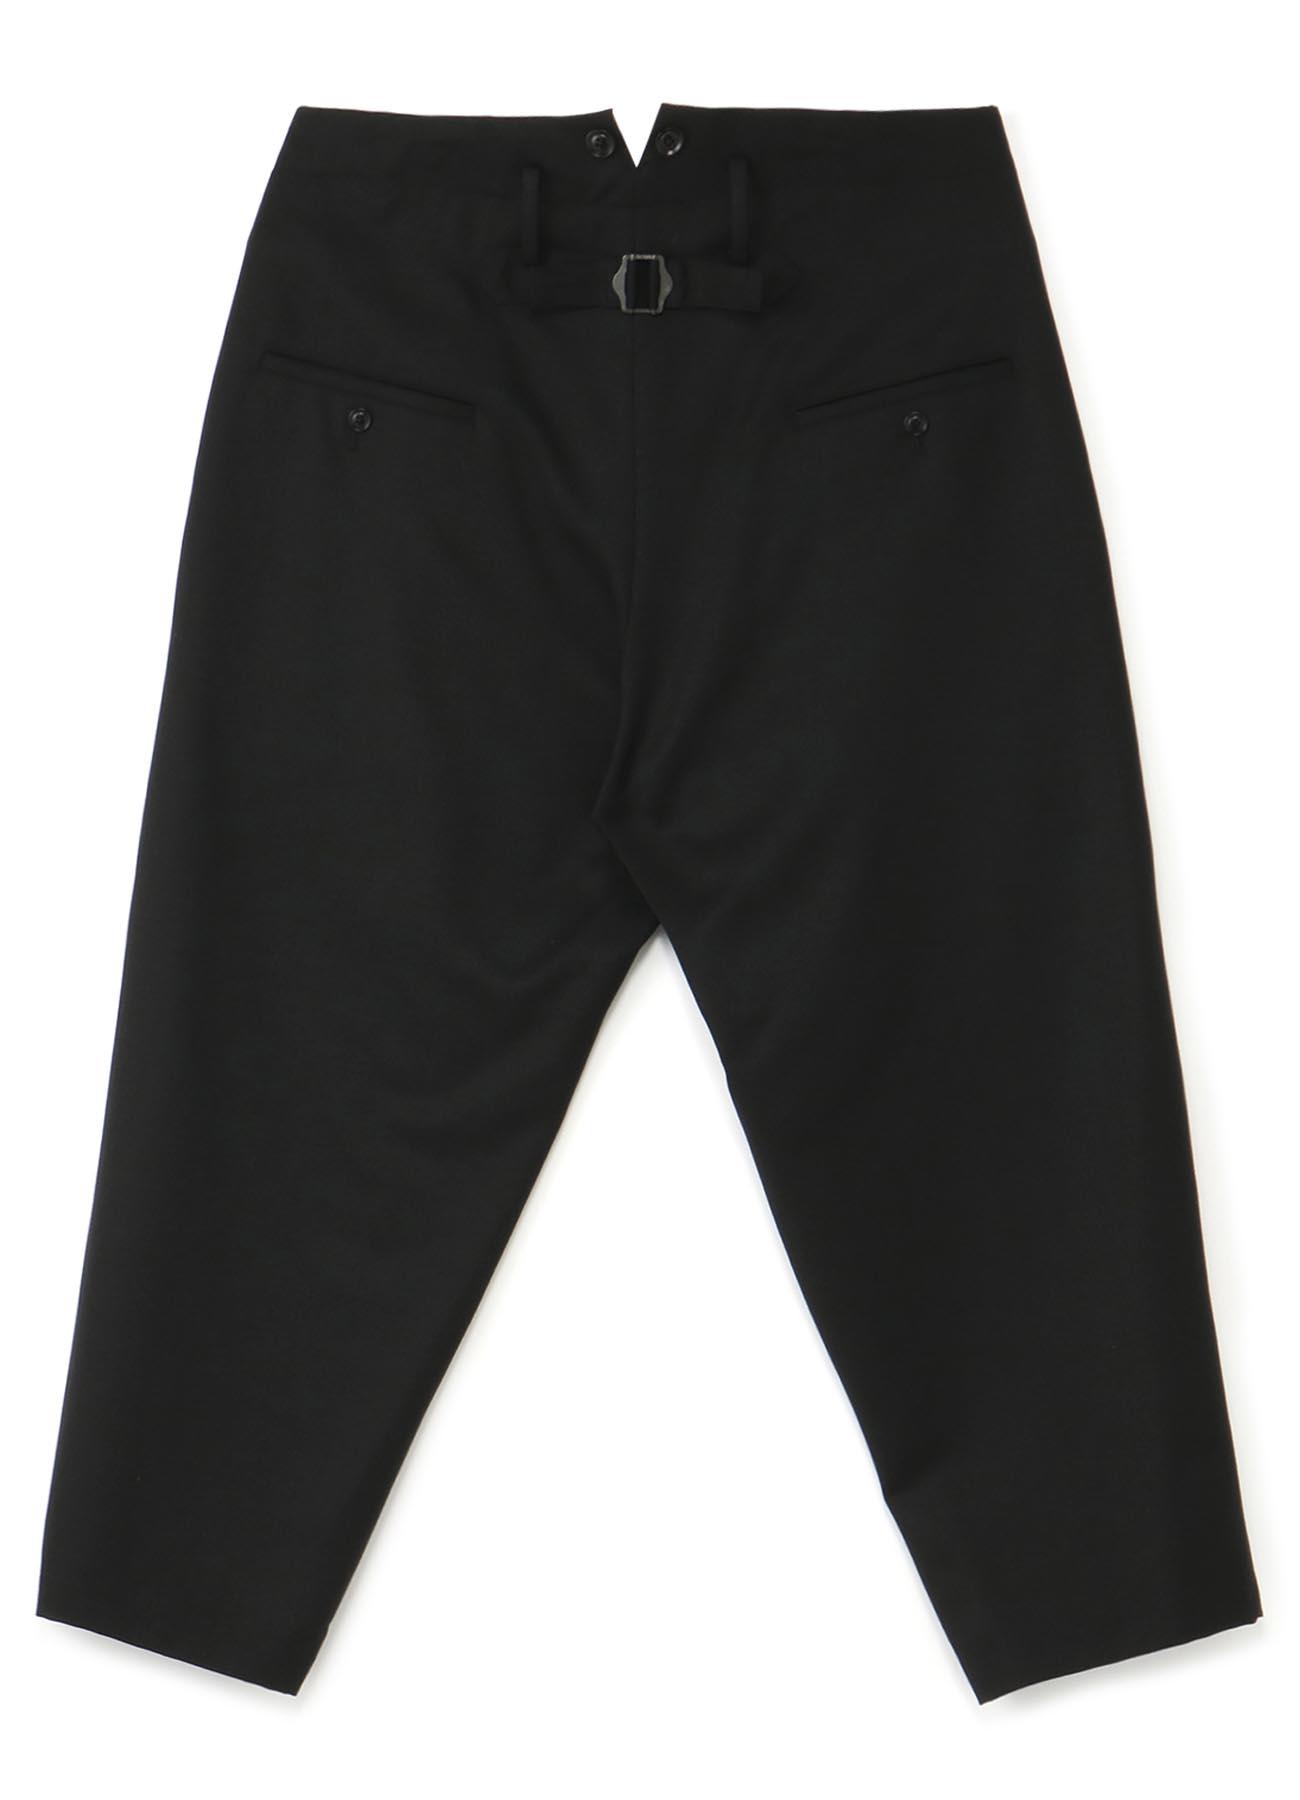 No.77 羊毛可调节腰围锥形裤